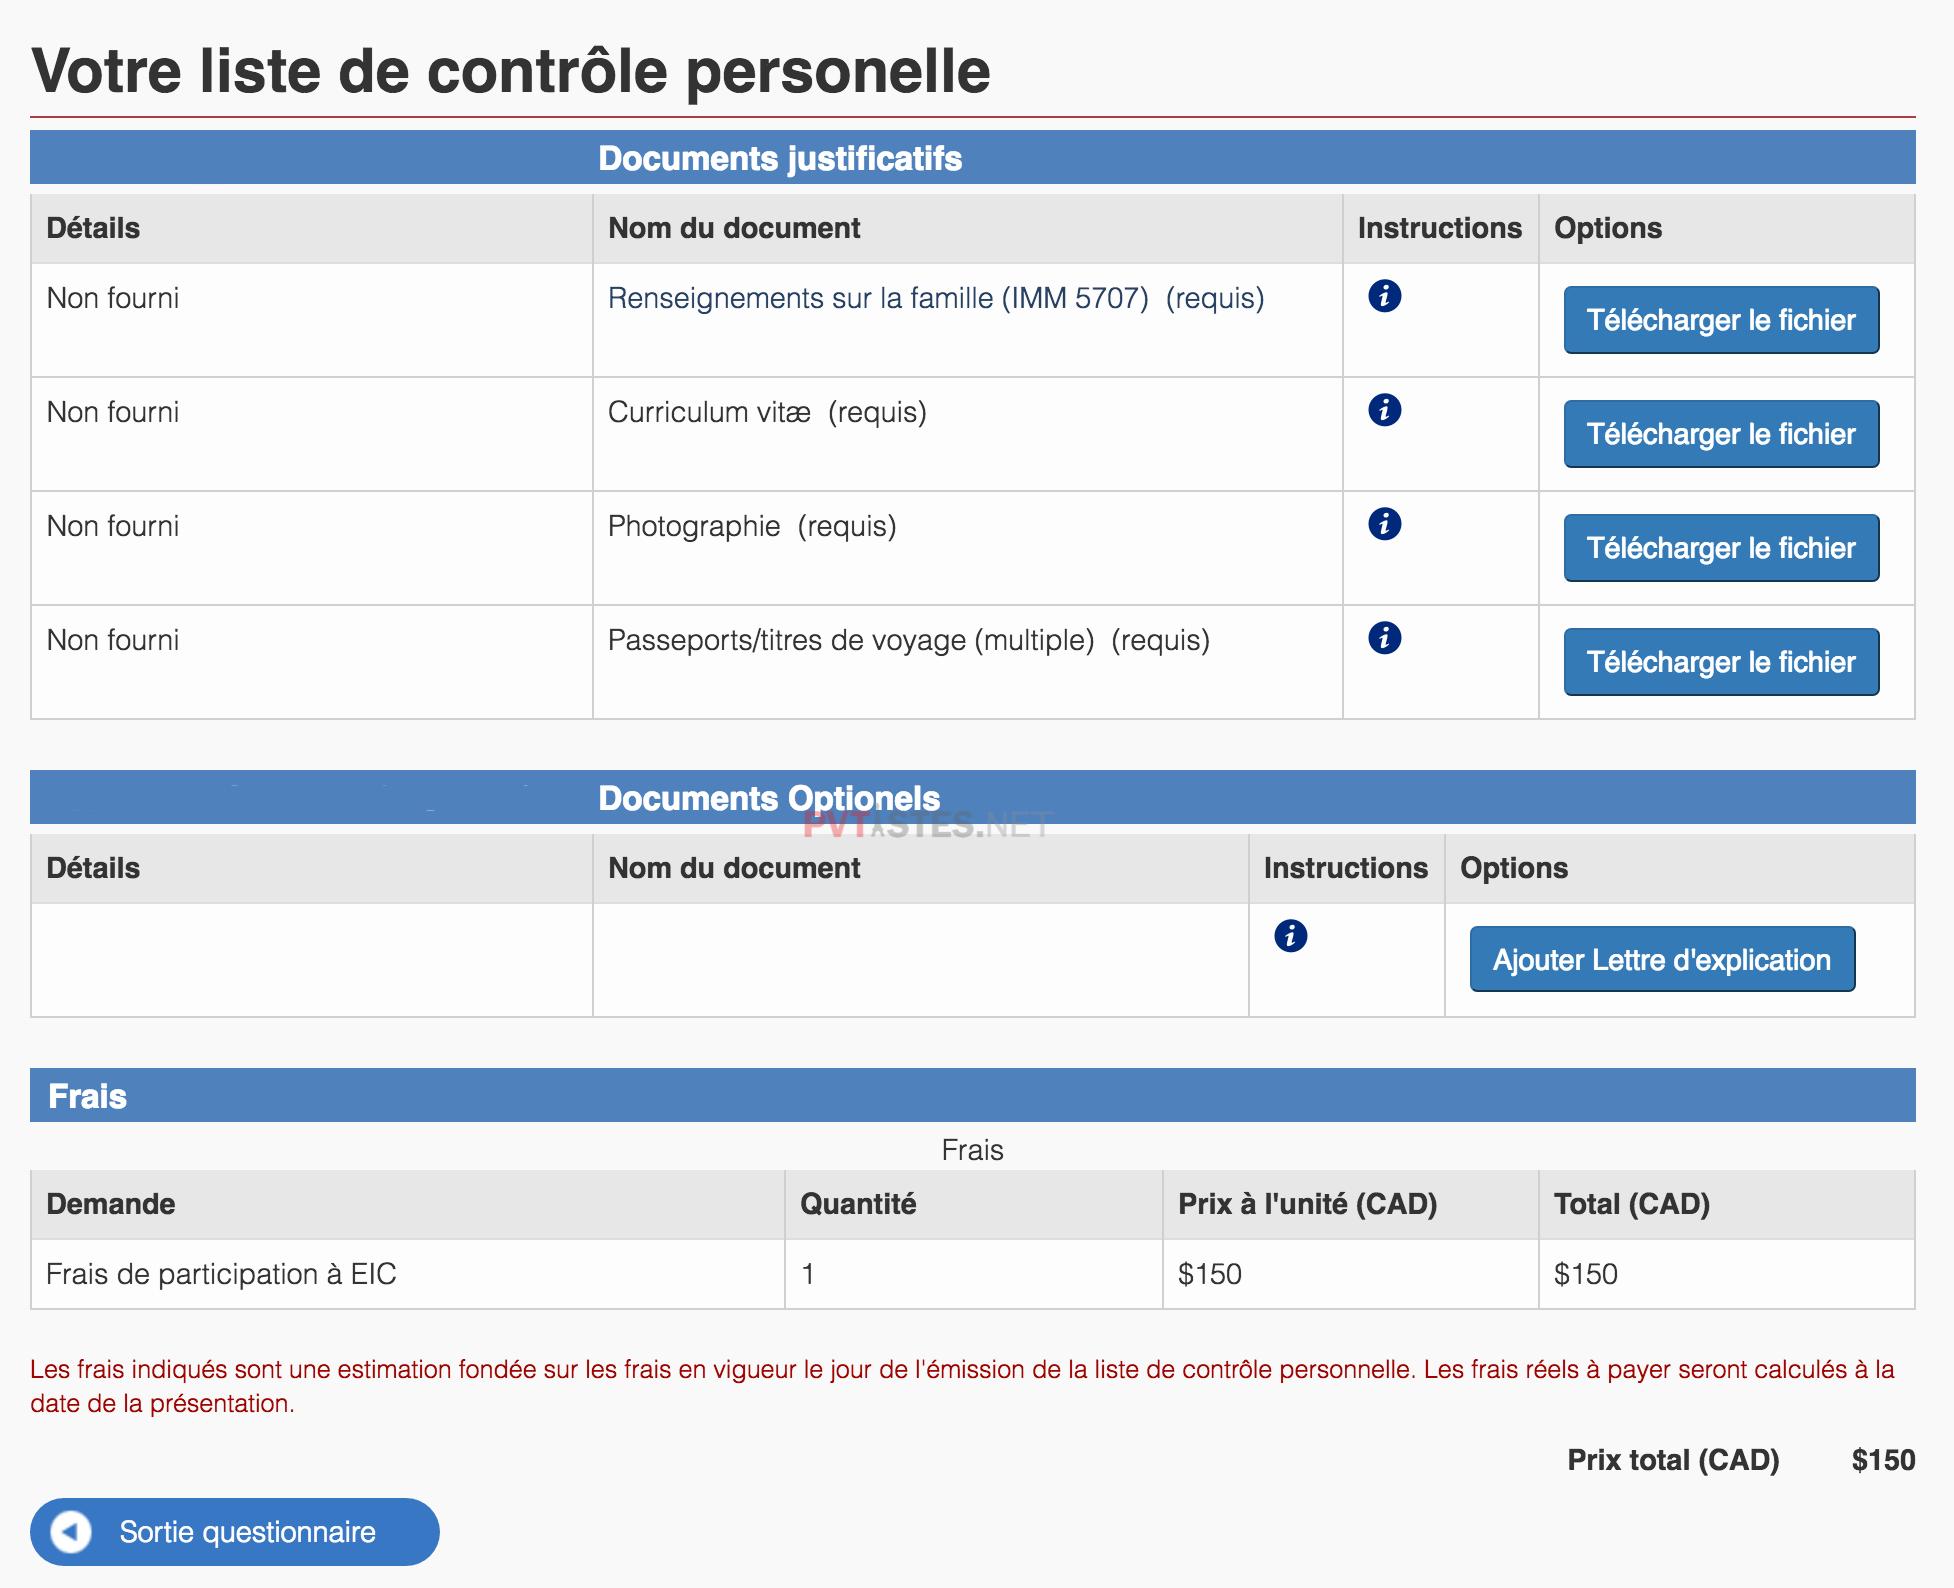 liste de contrôle personnelle etc pvt